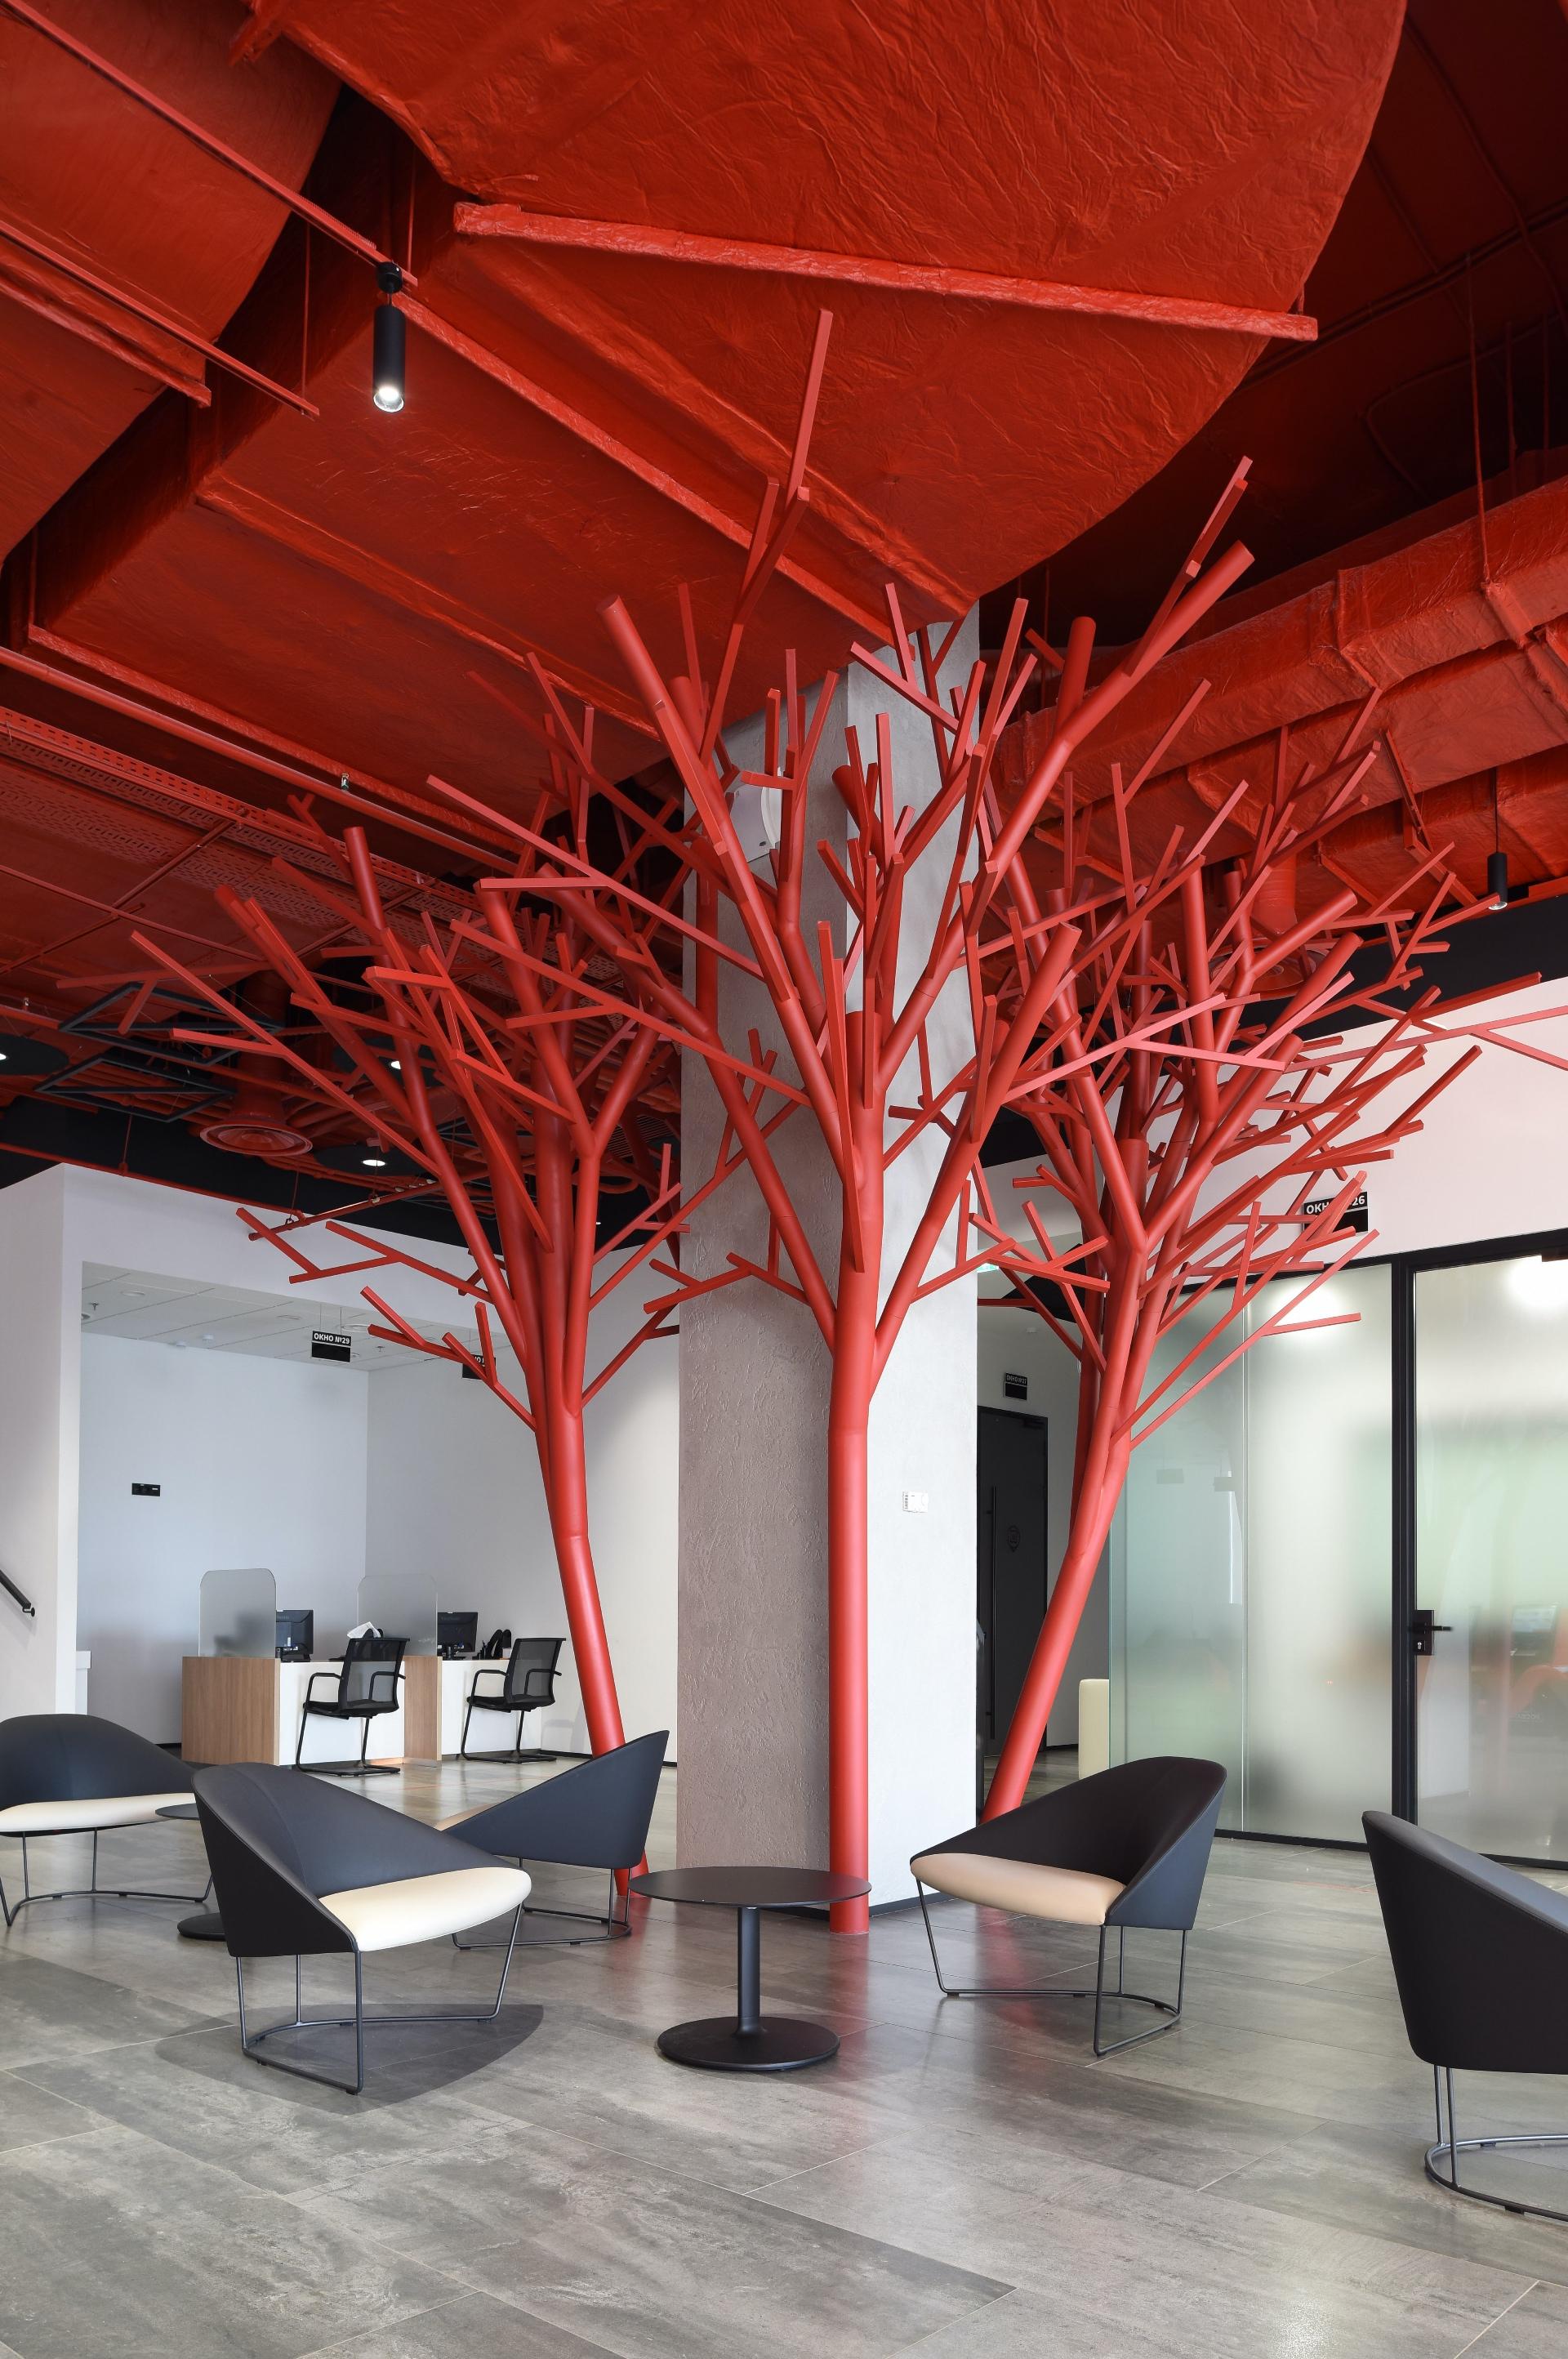 Дерево как символ дома «растет» в ипотечном центре.